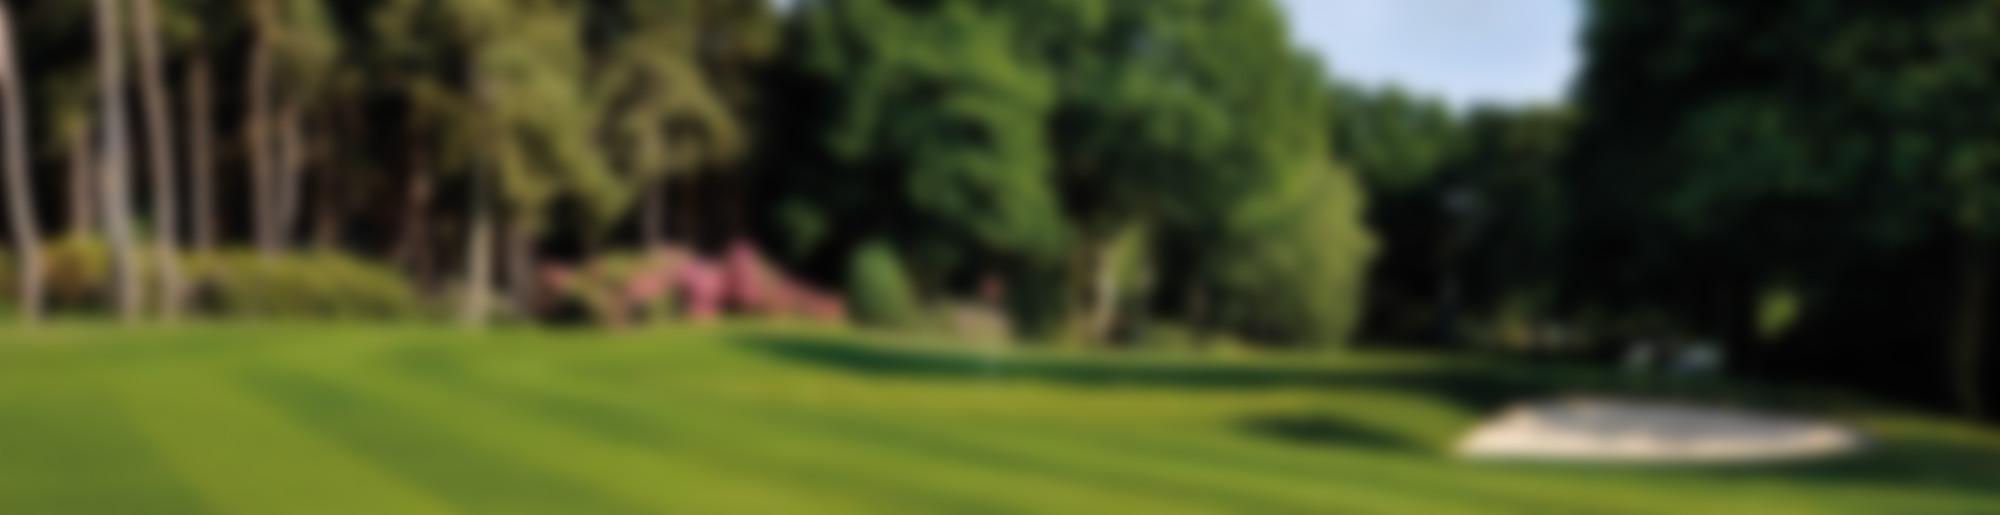 golf-bg-1